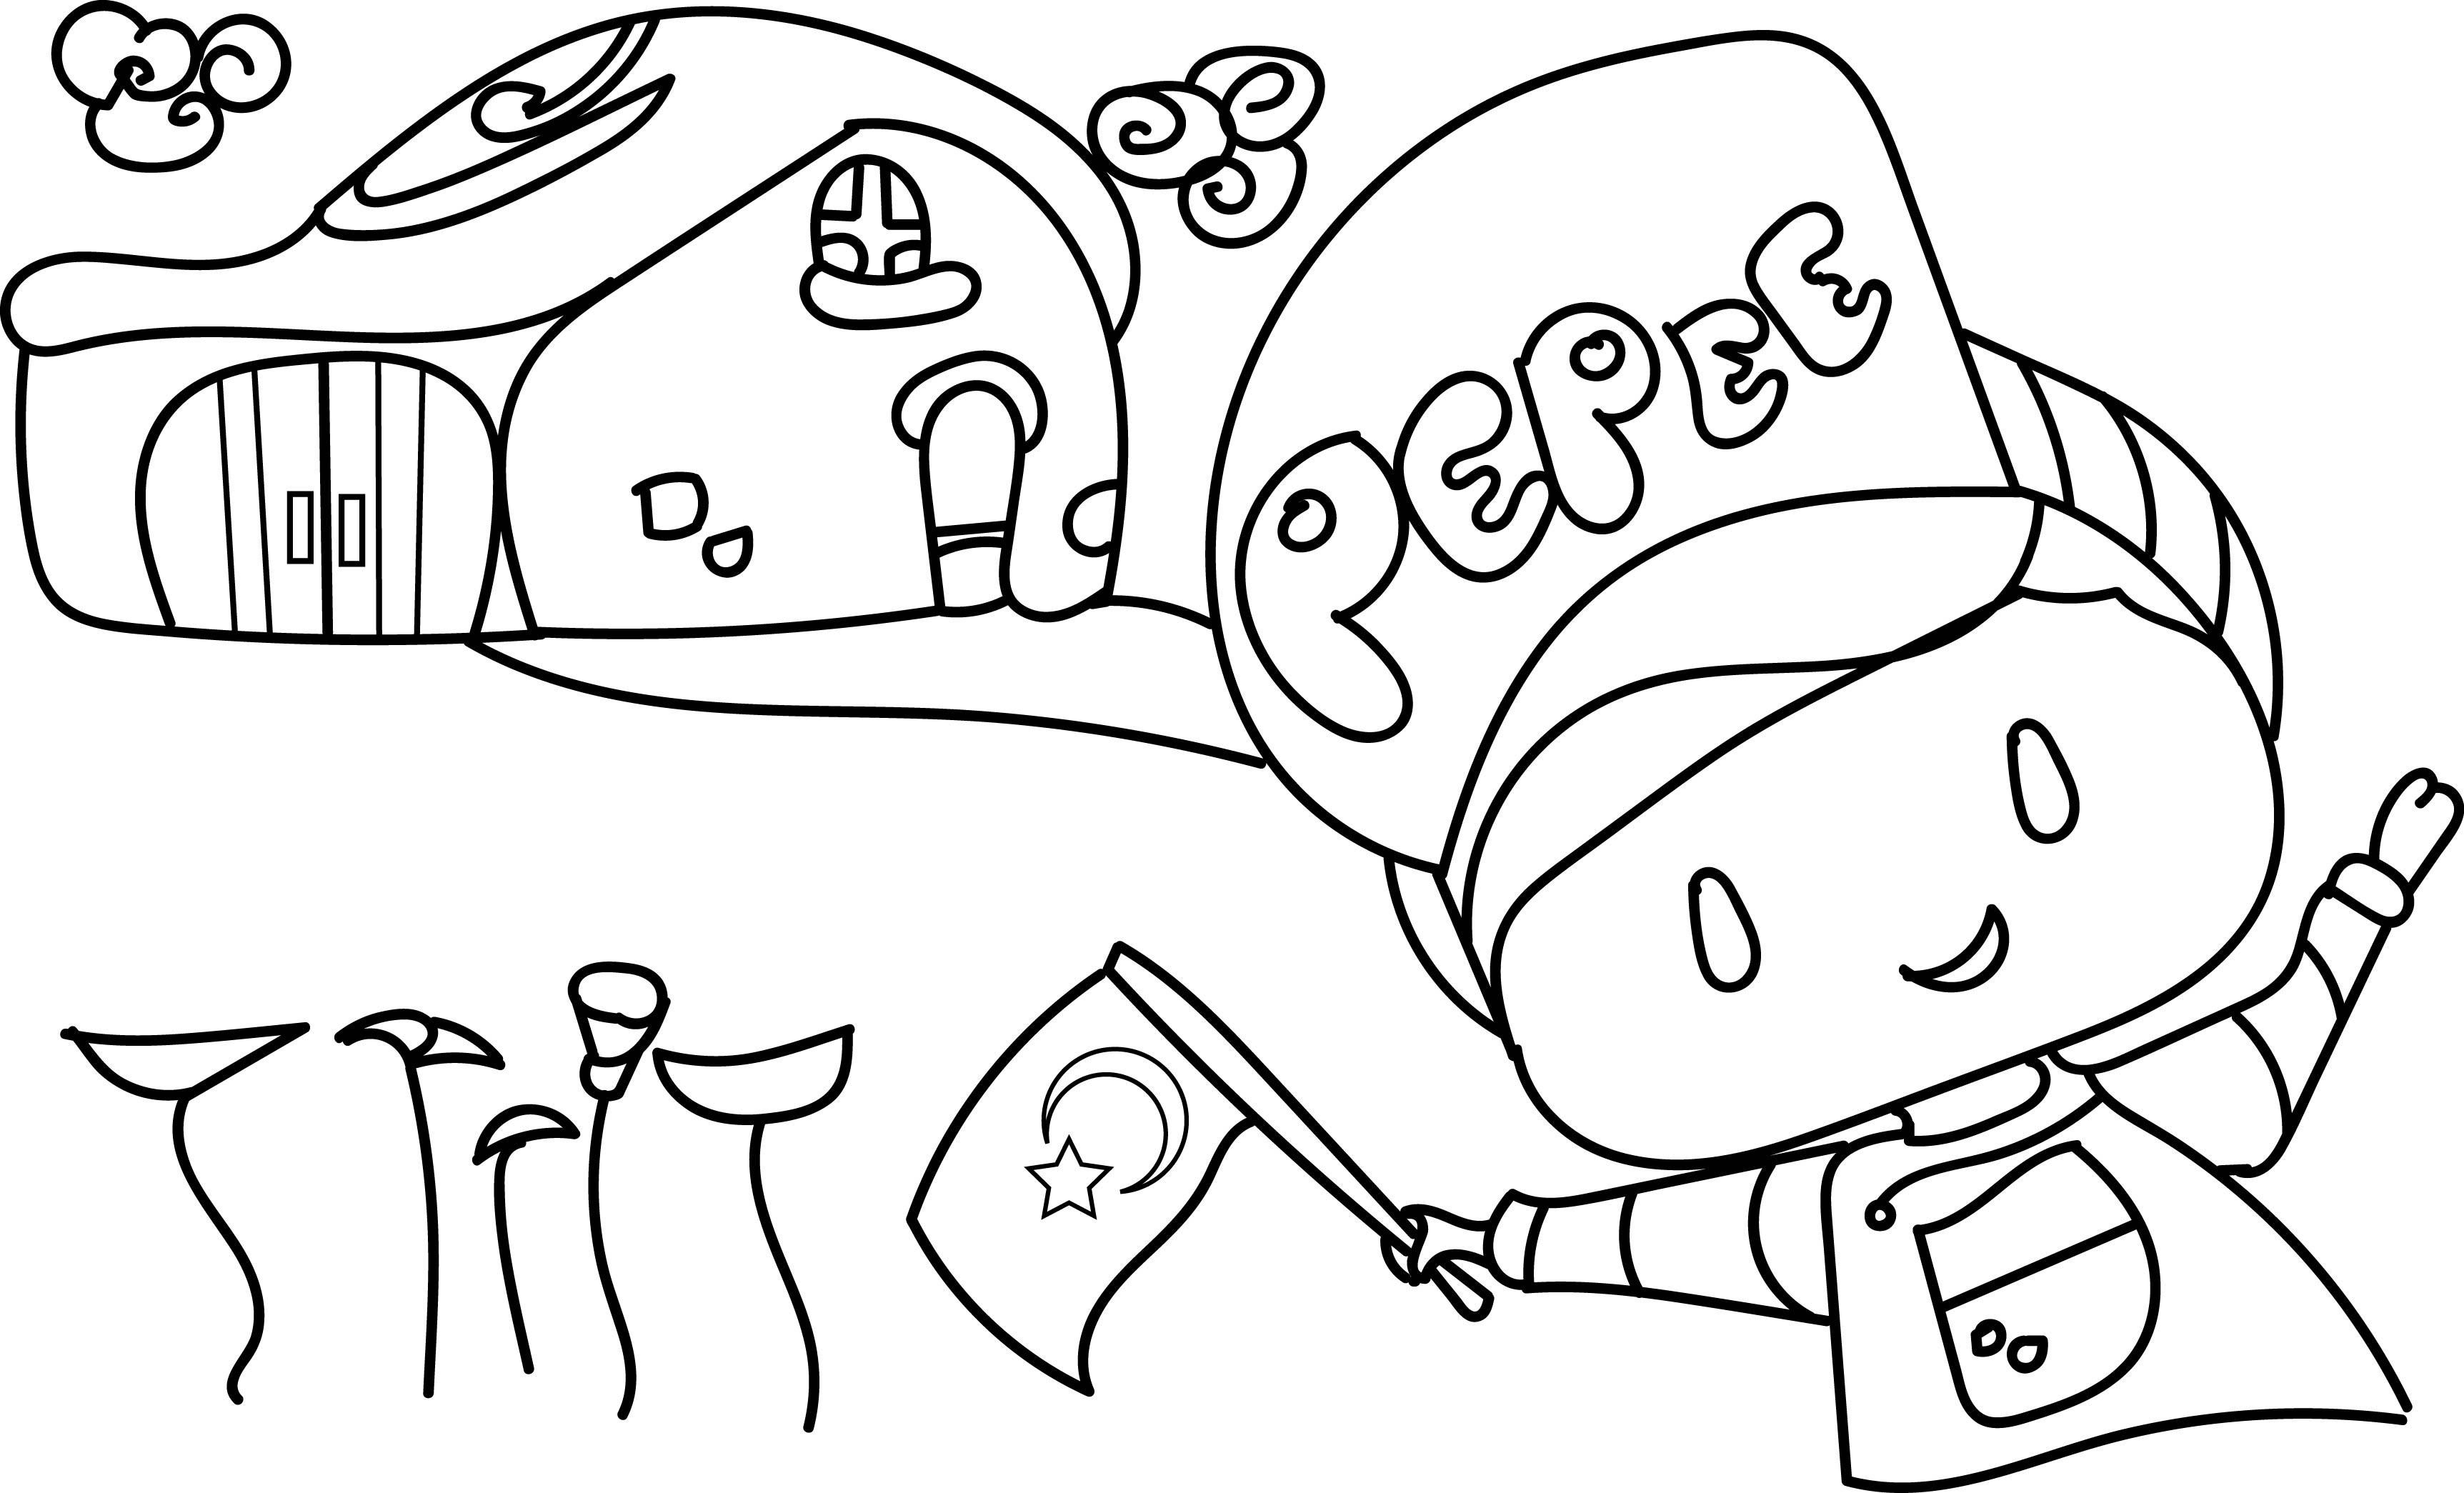 Pepe 3 Ucretsiz Boyama Resimleri